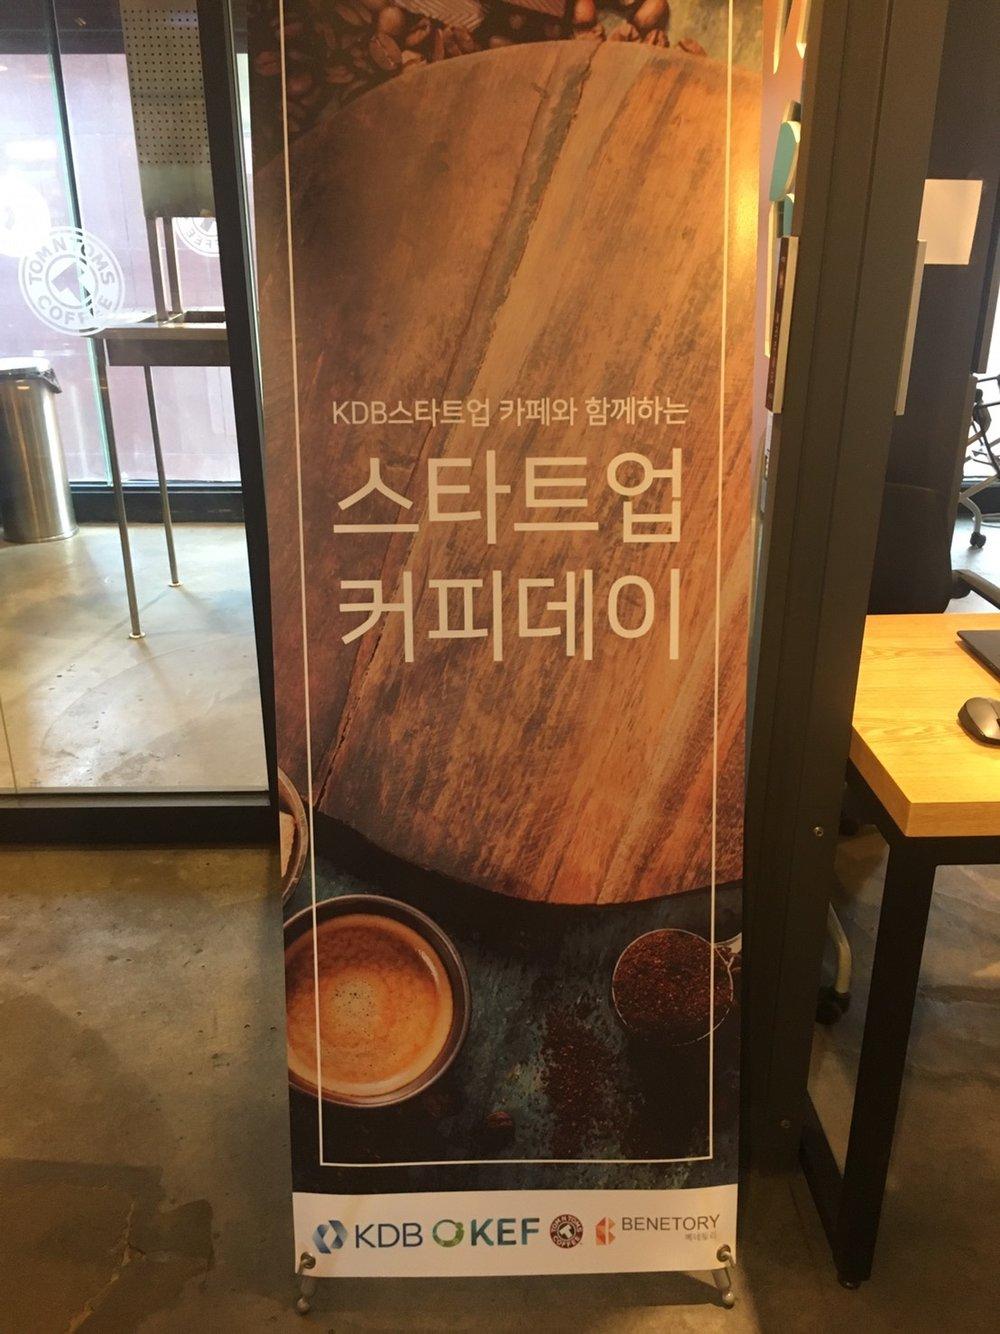 스타트업 커피데이는 KDB산업은행, (재)한국청년기업가재단, 탐앤탐스에서 후원하고베네토리 주관으로 진행된 행사이다